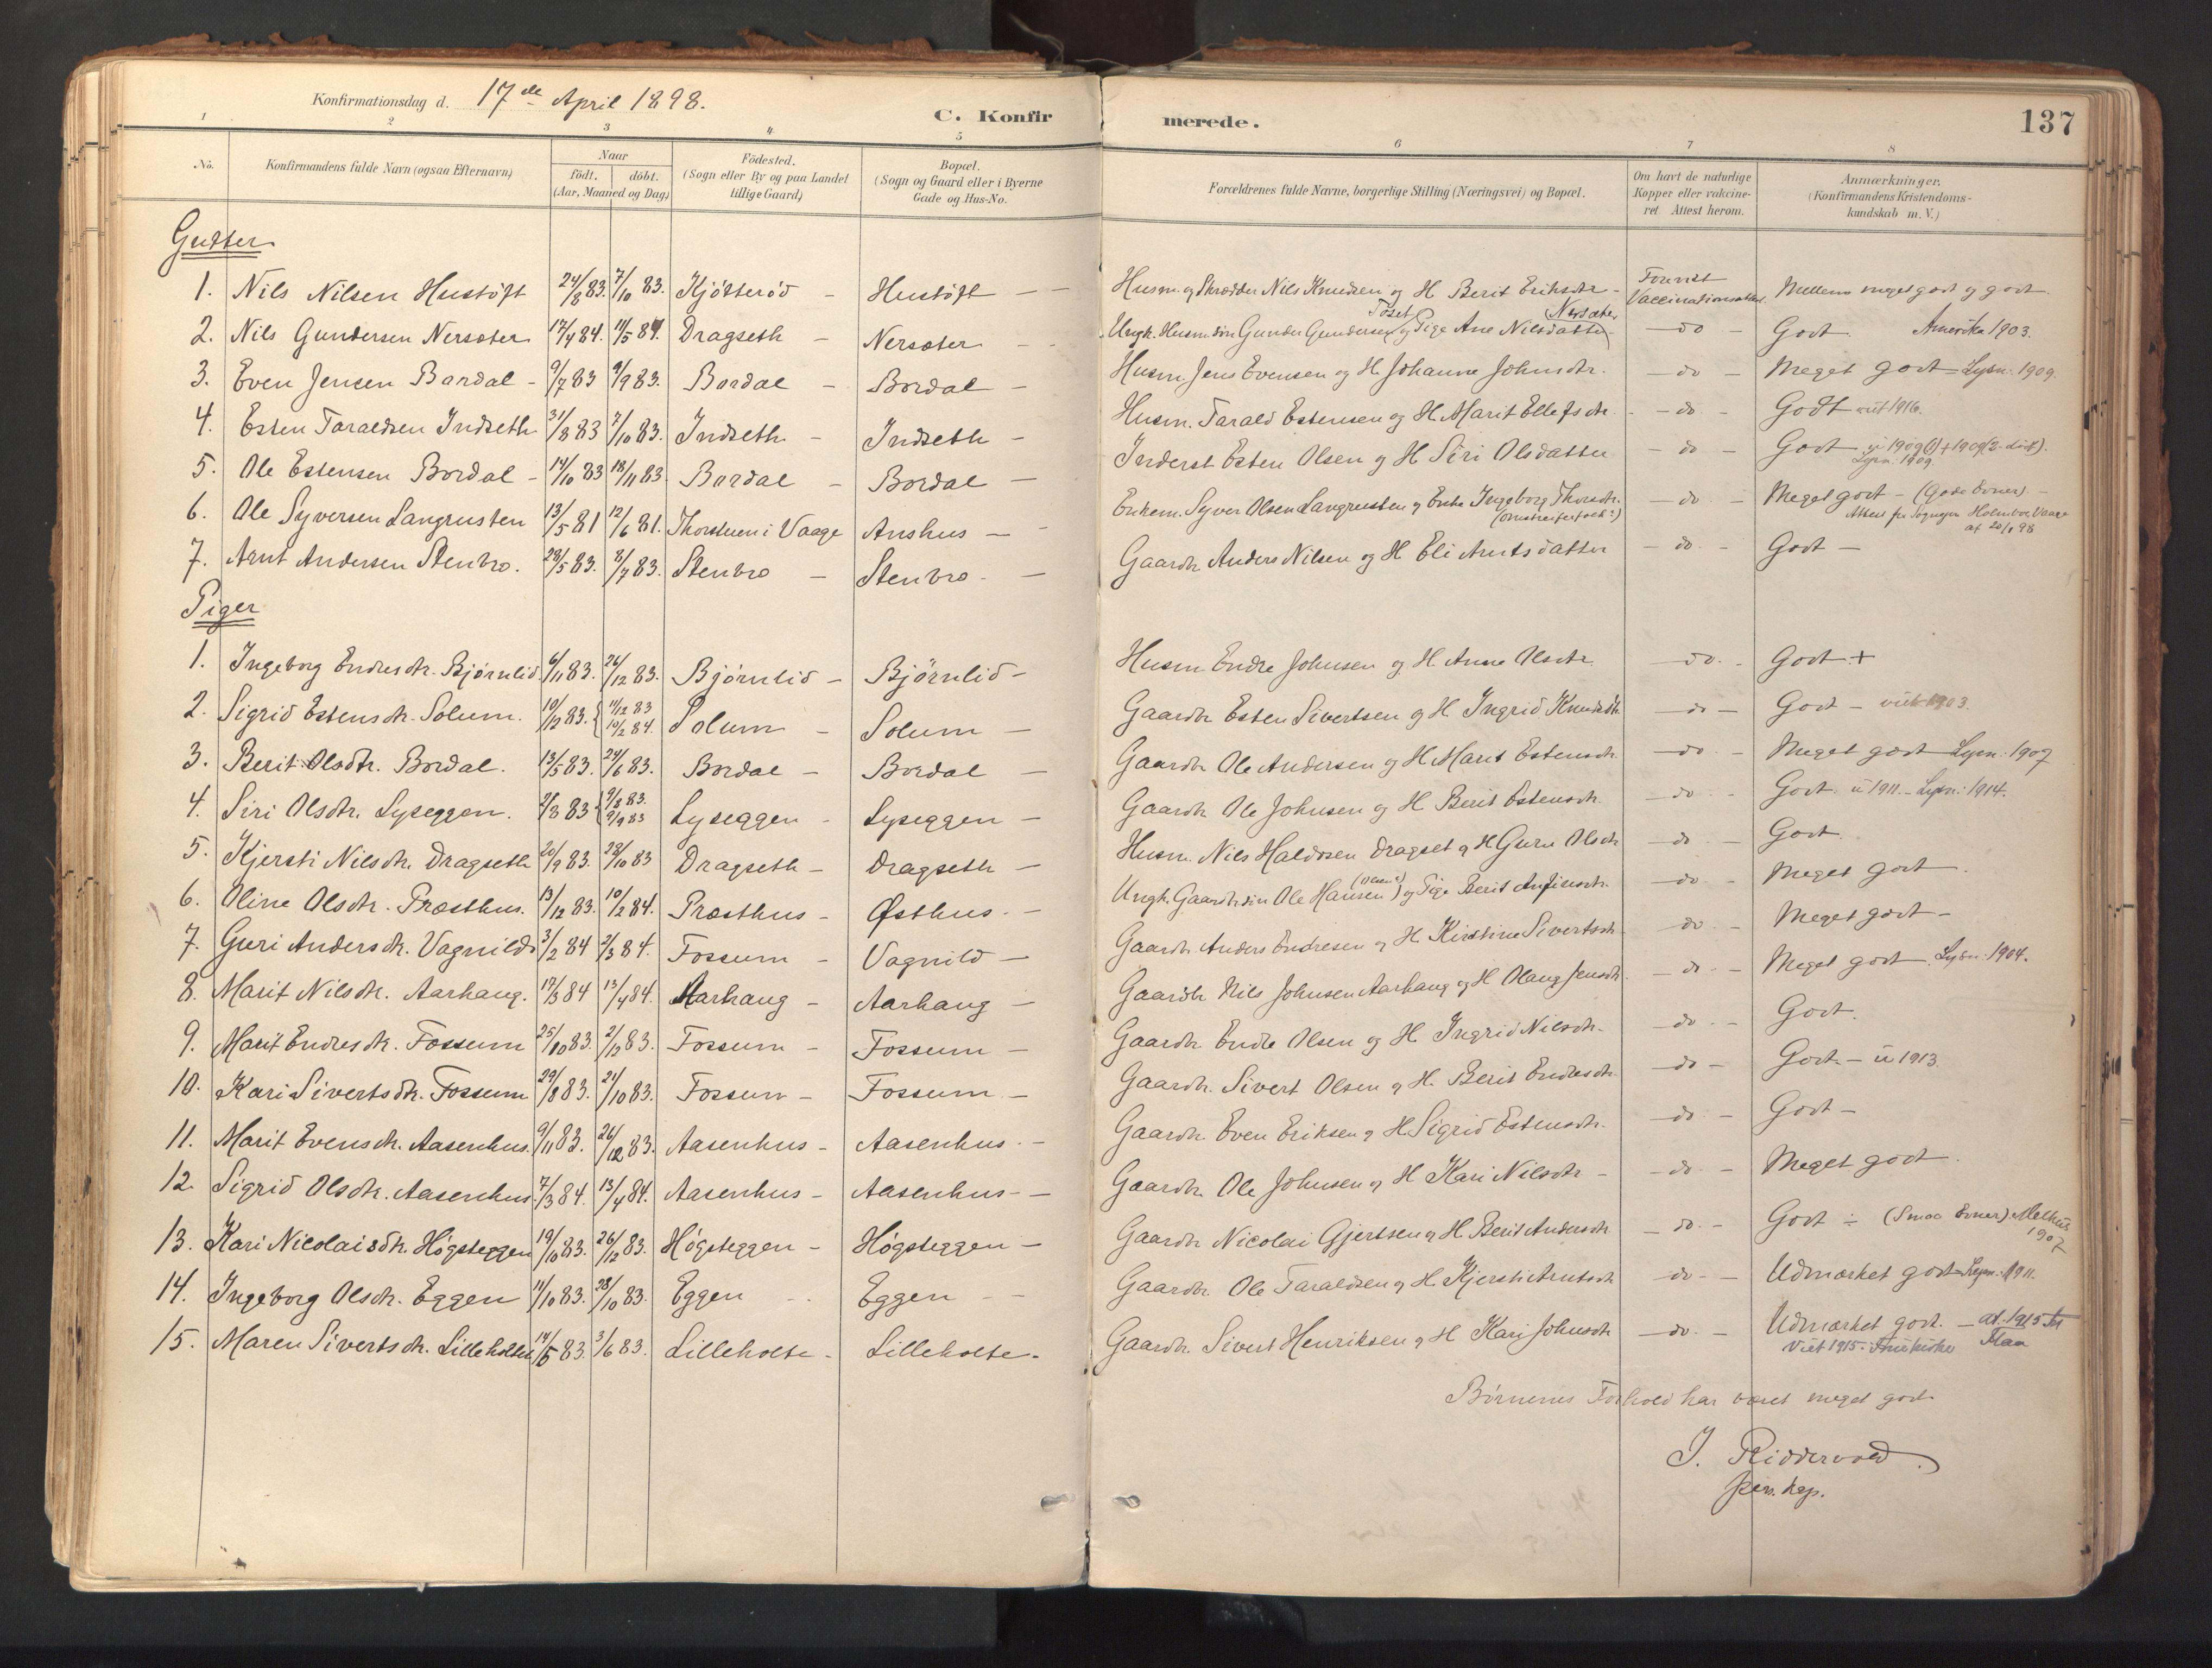 SAT, Ministerialprotokoller, klokkerbøker og fødselsregistre - Sør-Trøndelag, 689/L1041: Ministerialbok nr. 689A06, 1891-1923, s. 137